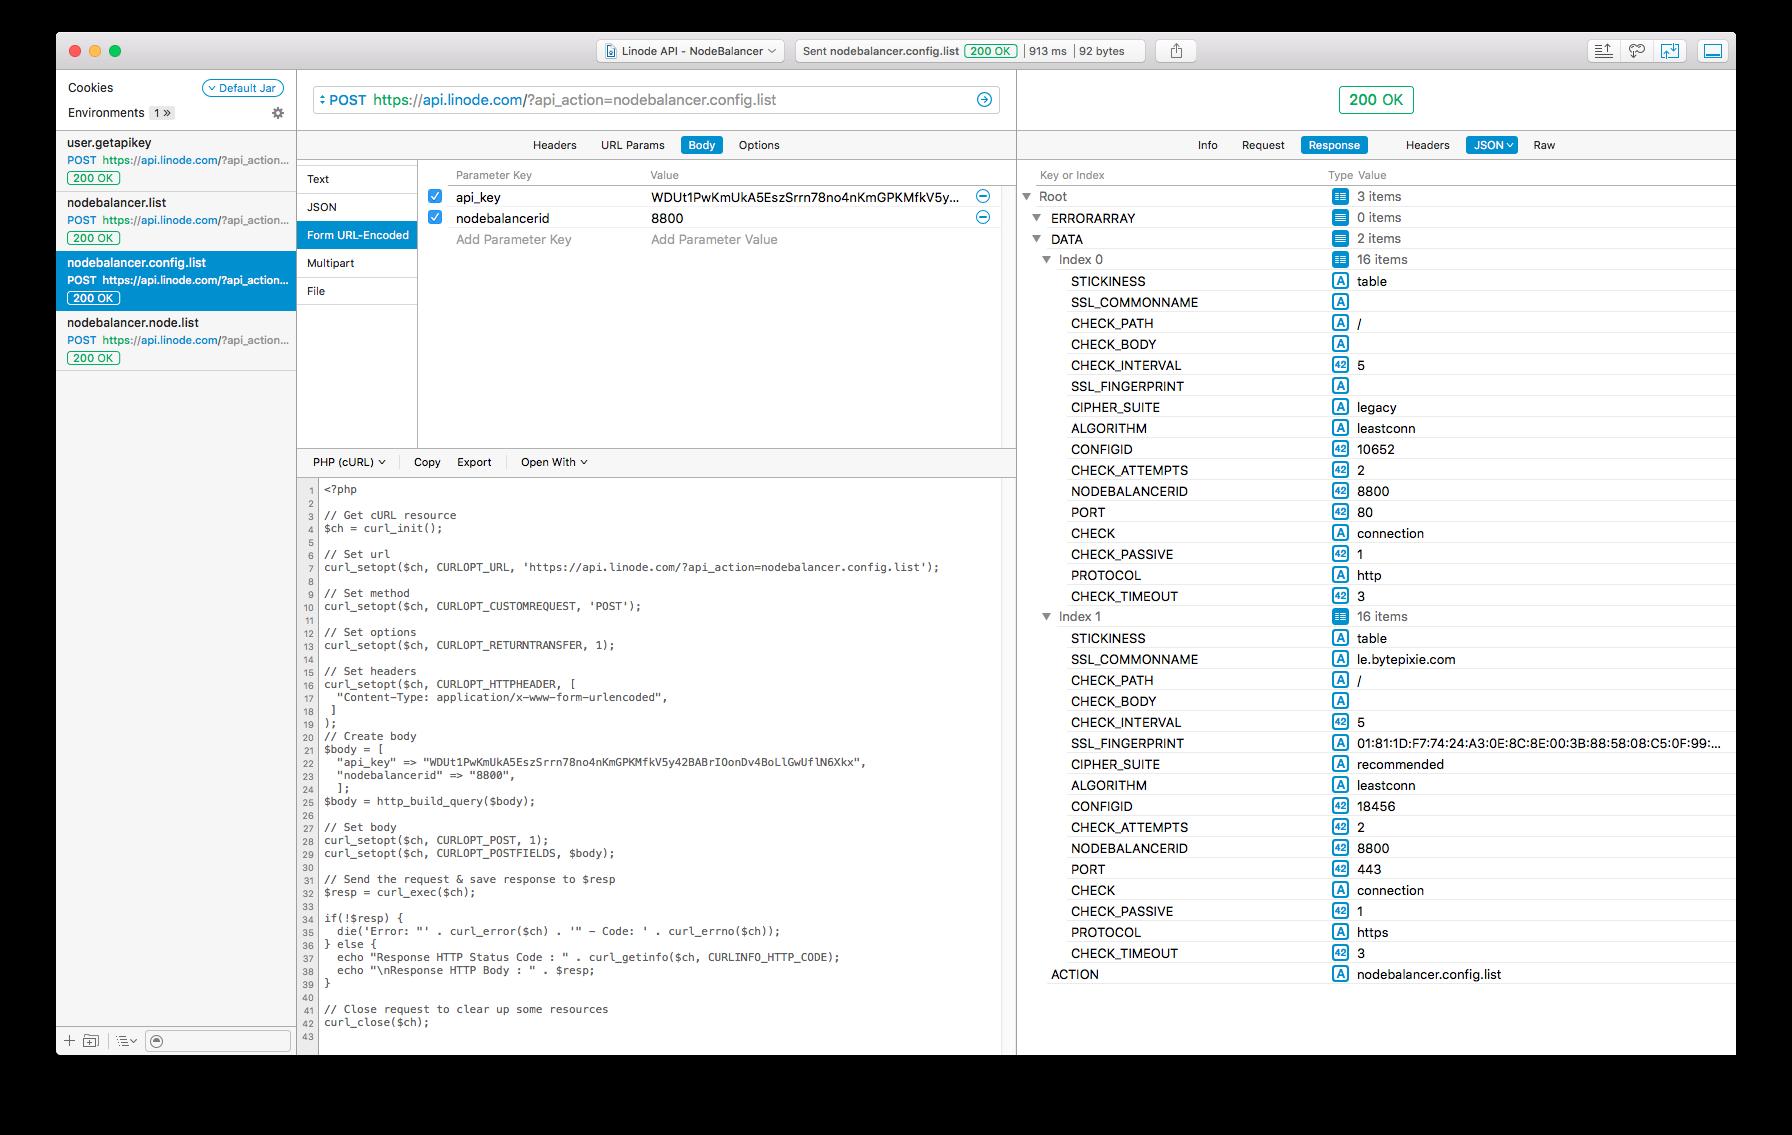 Paw - Linode API - NodeBalancer